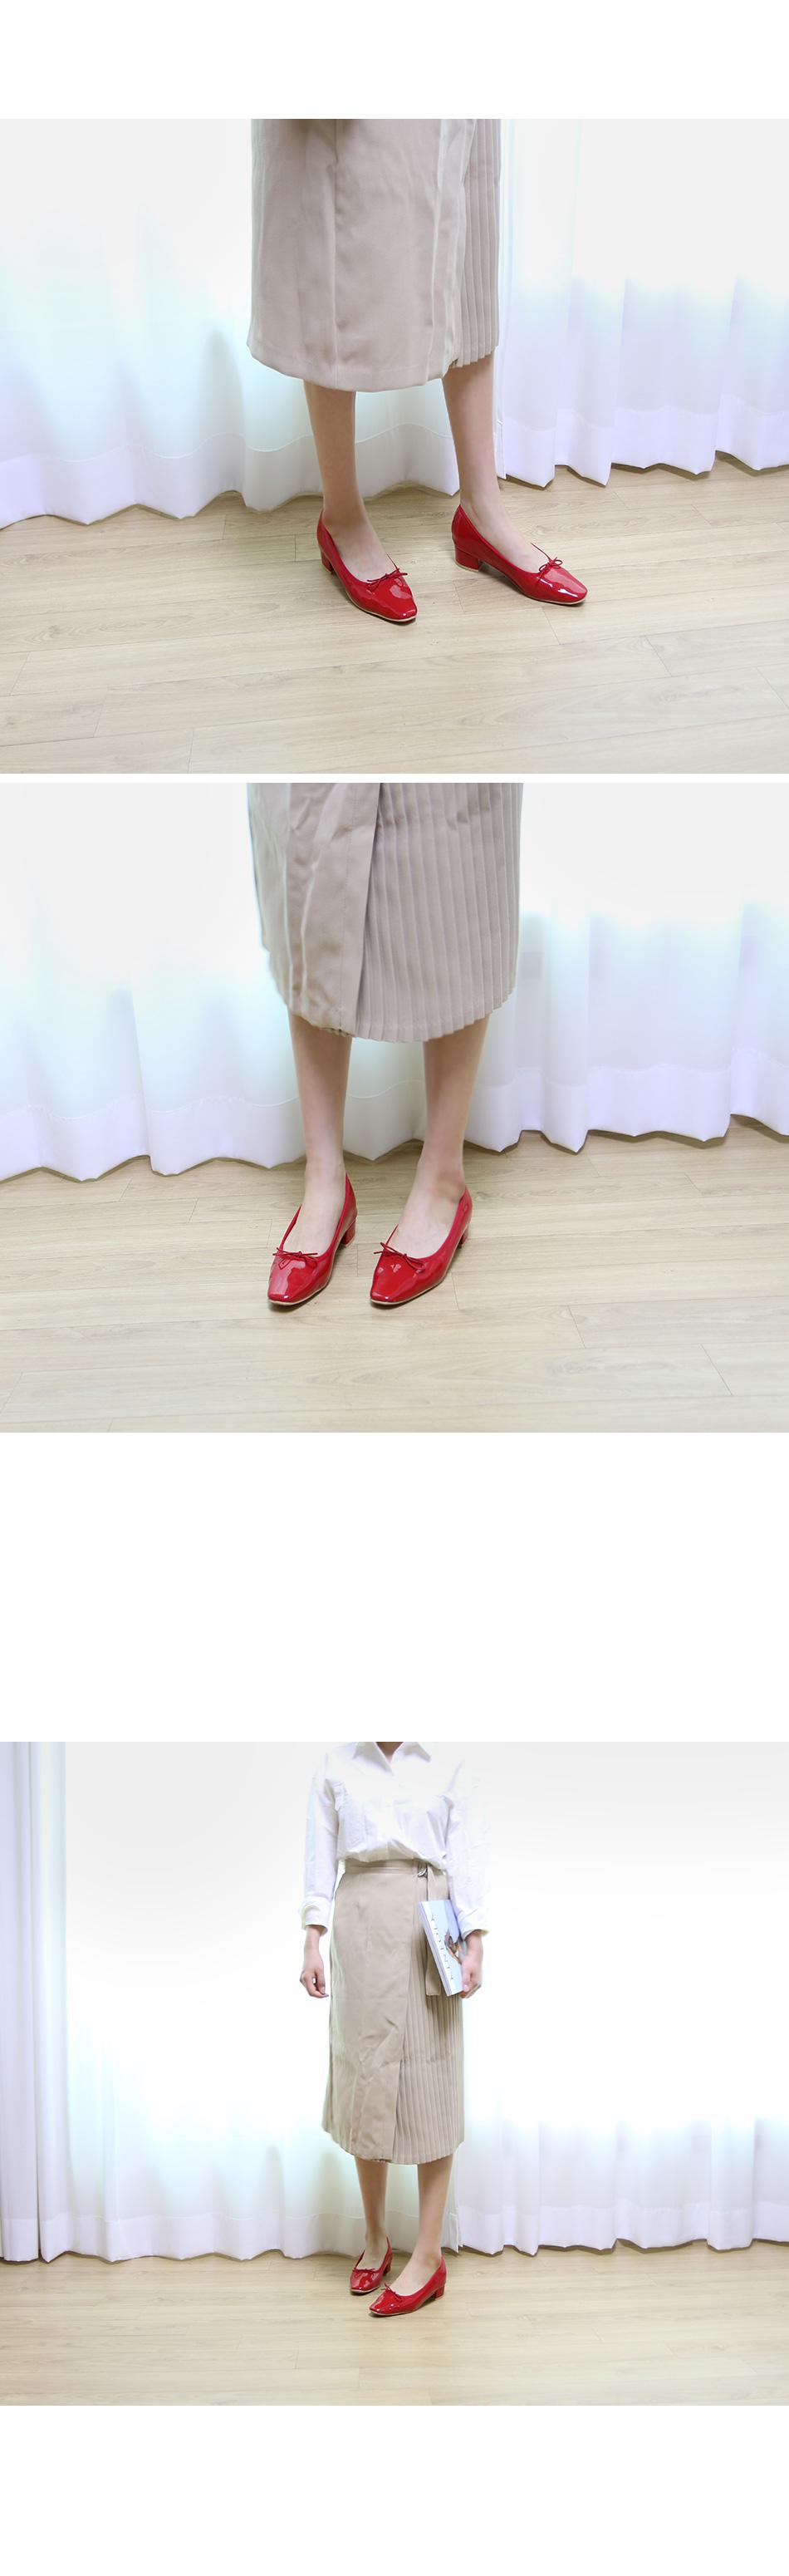 모에론 에나멜 리본 플랫슈즈 착용컷